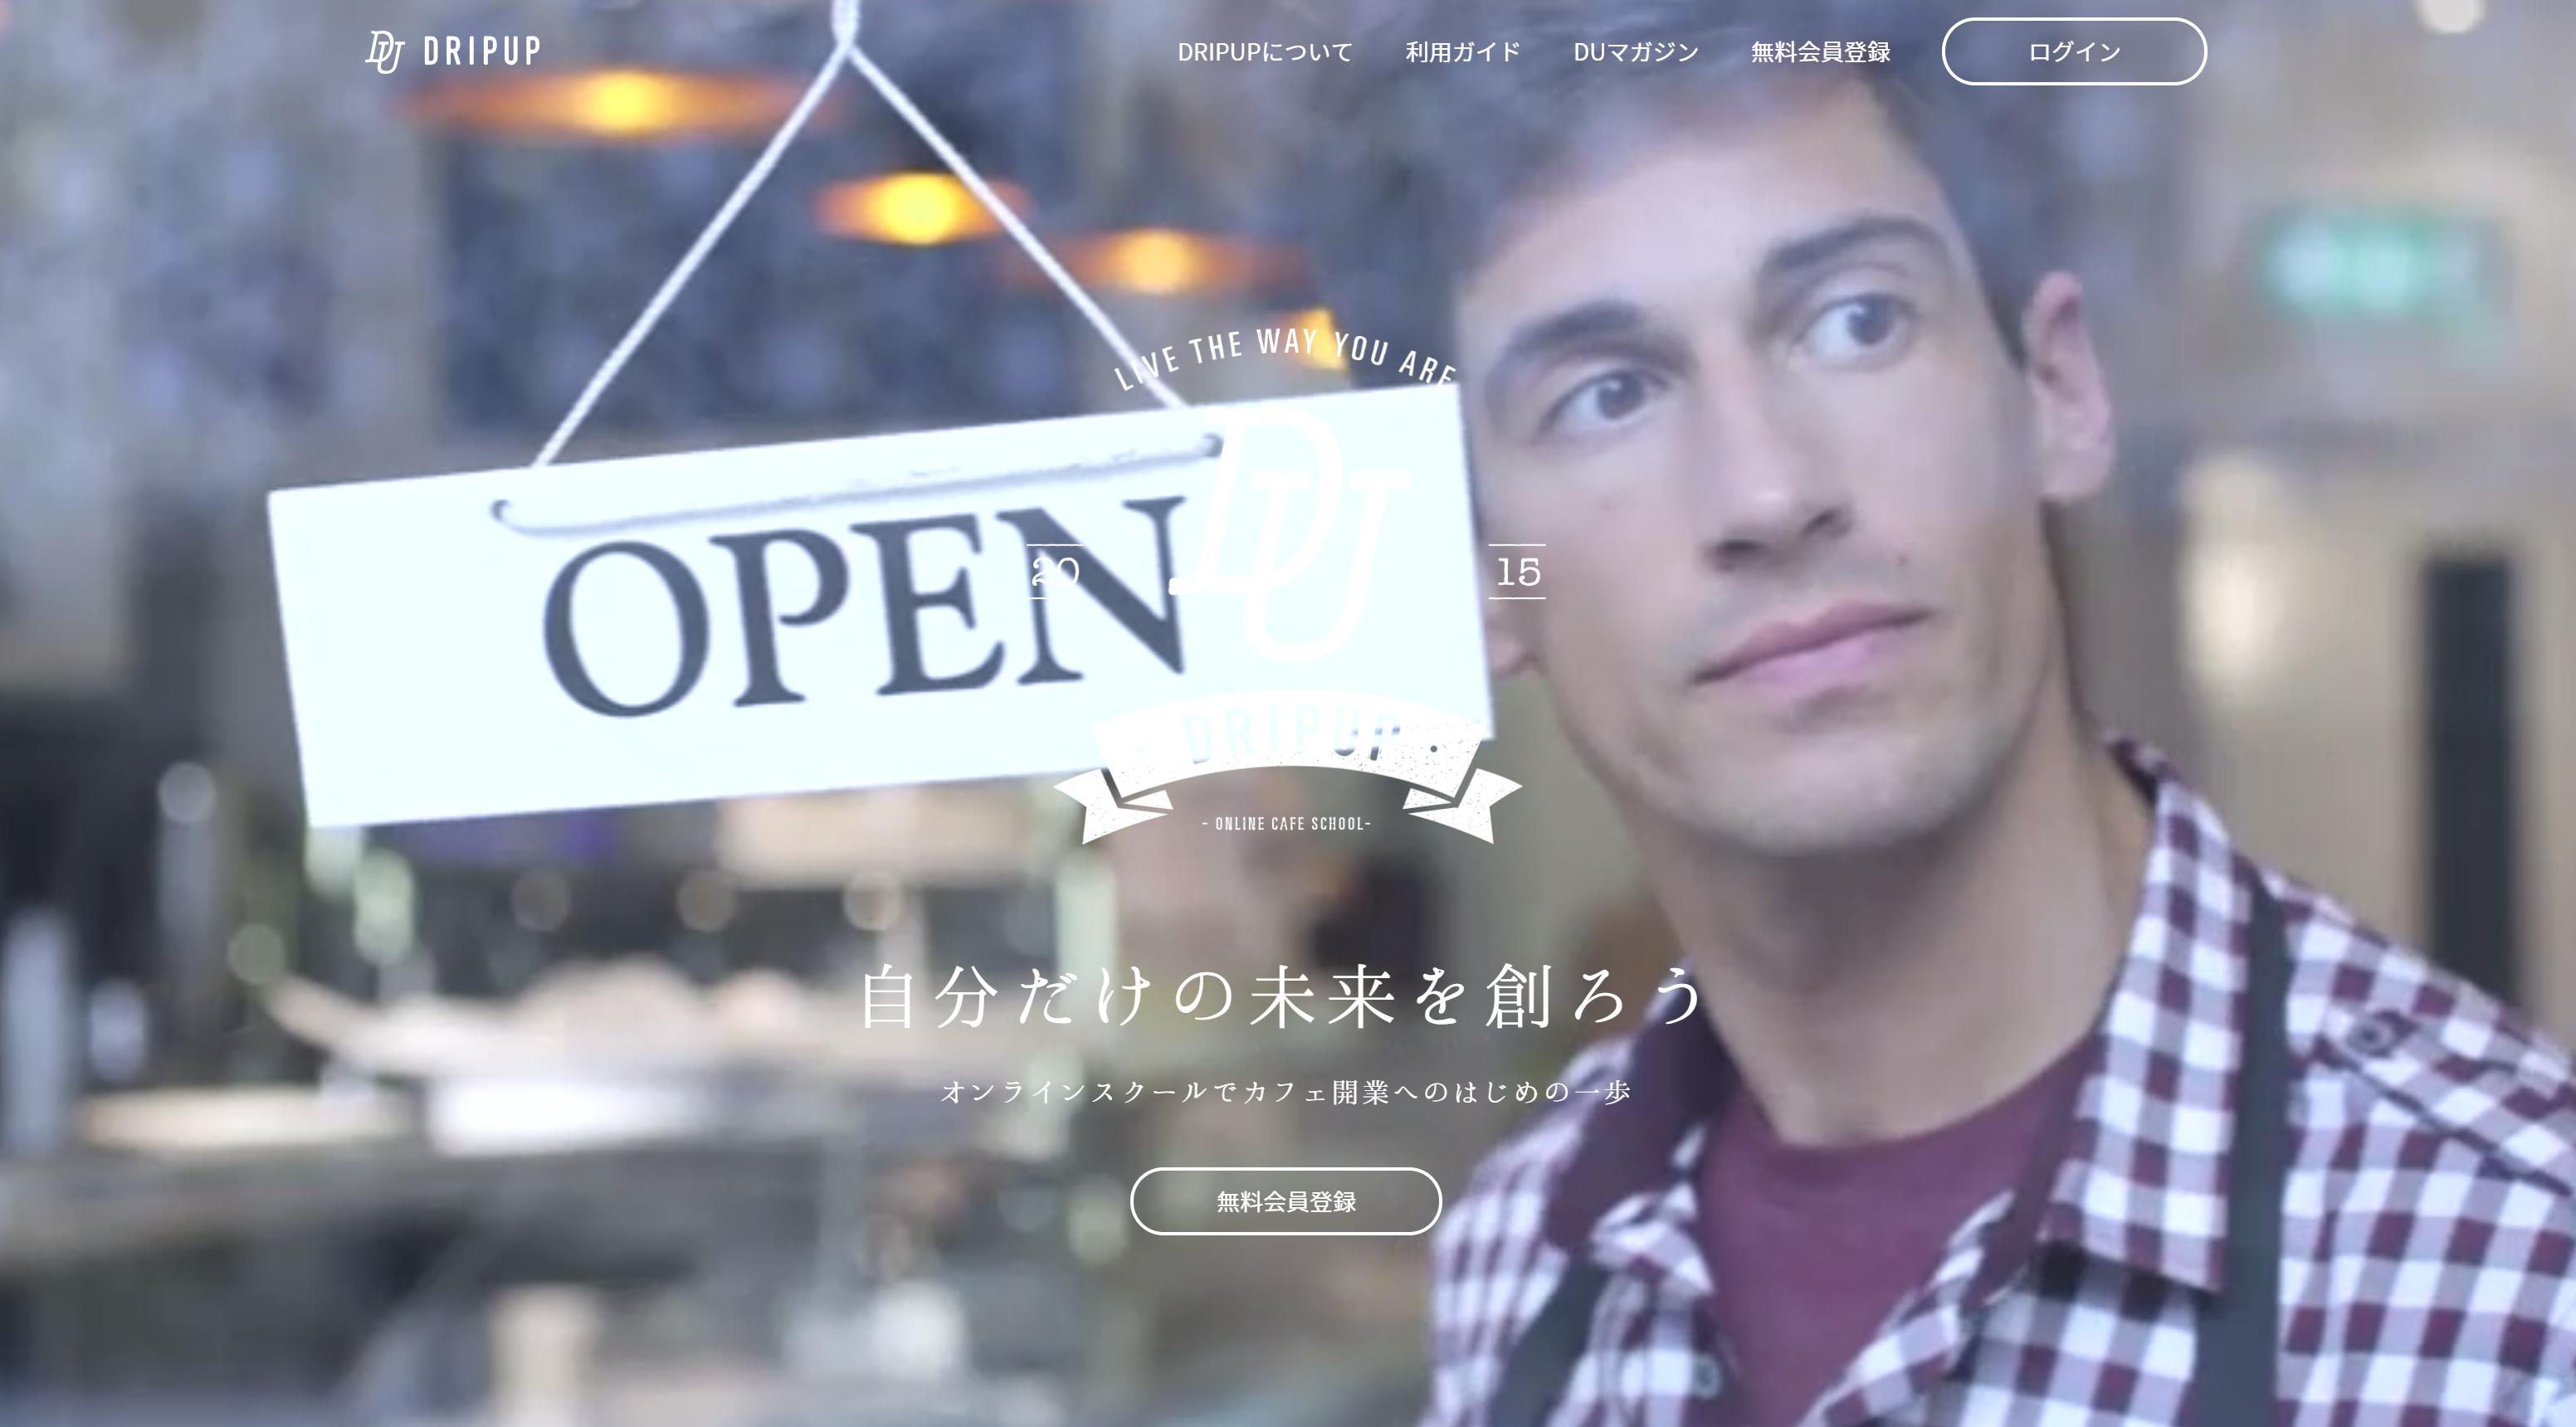 【WEB制作事例】カフェ開業に特化したオンラインスクール『DRIPUP』